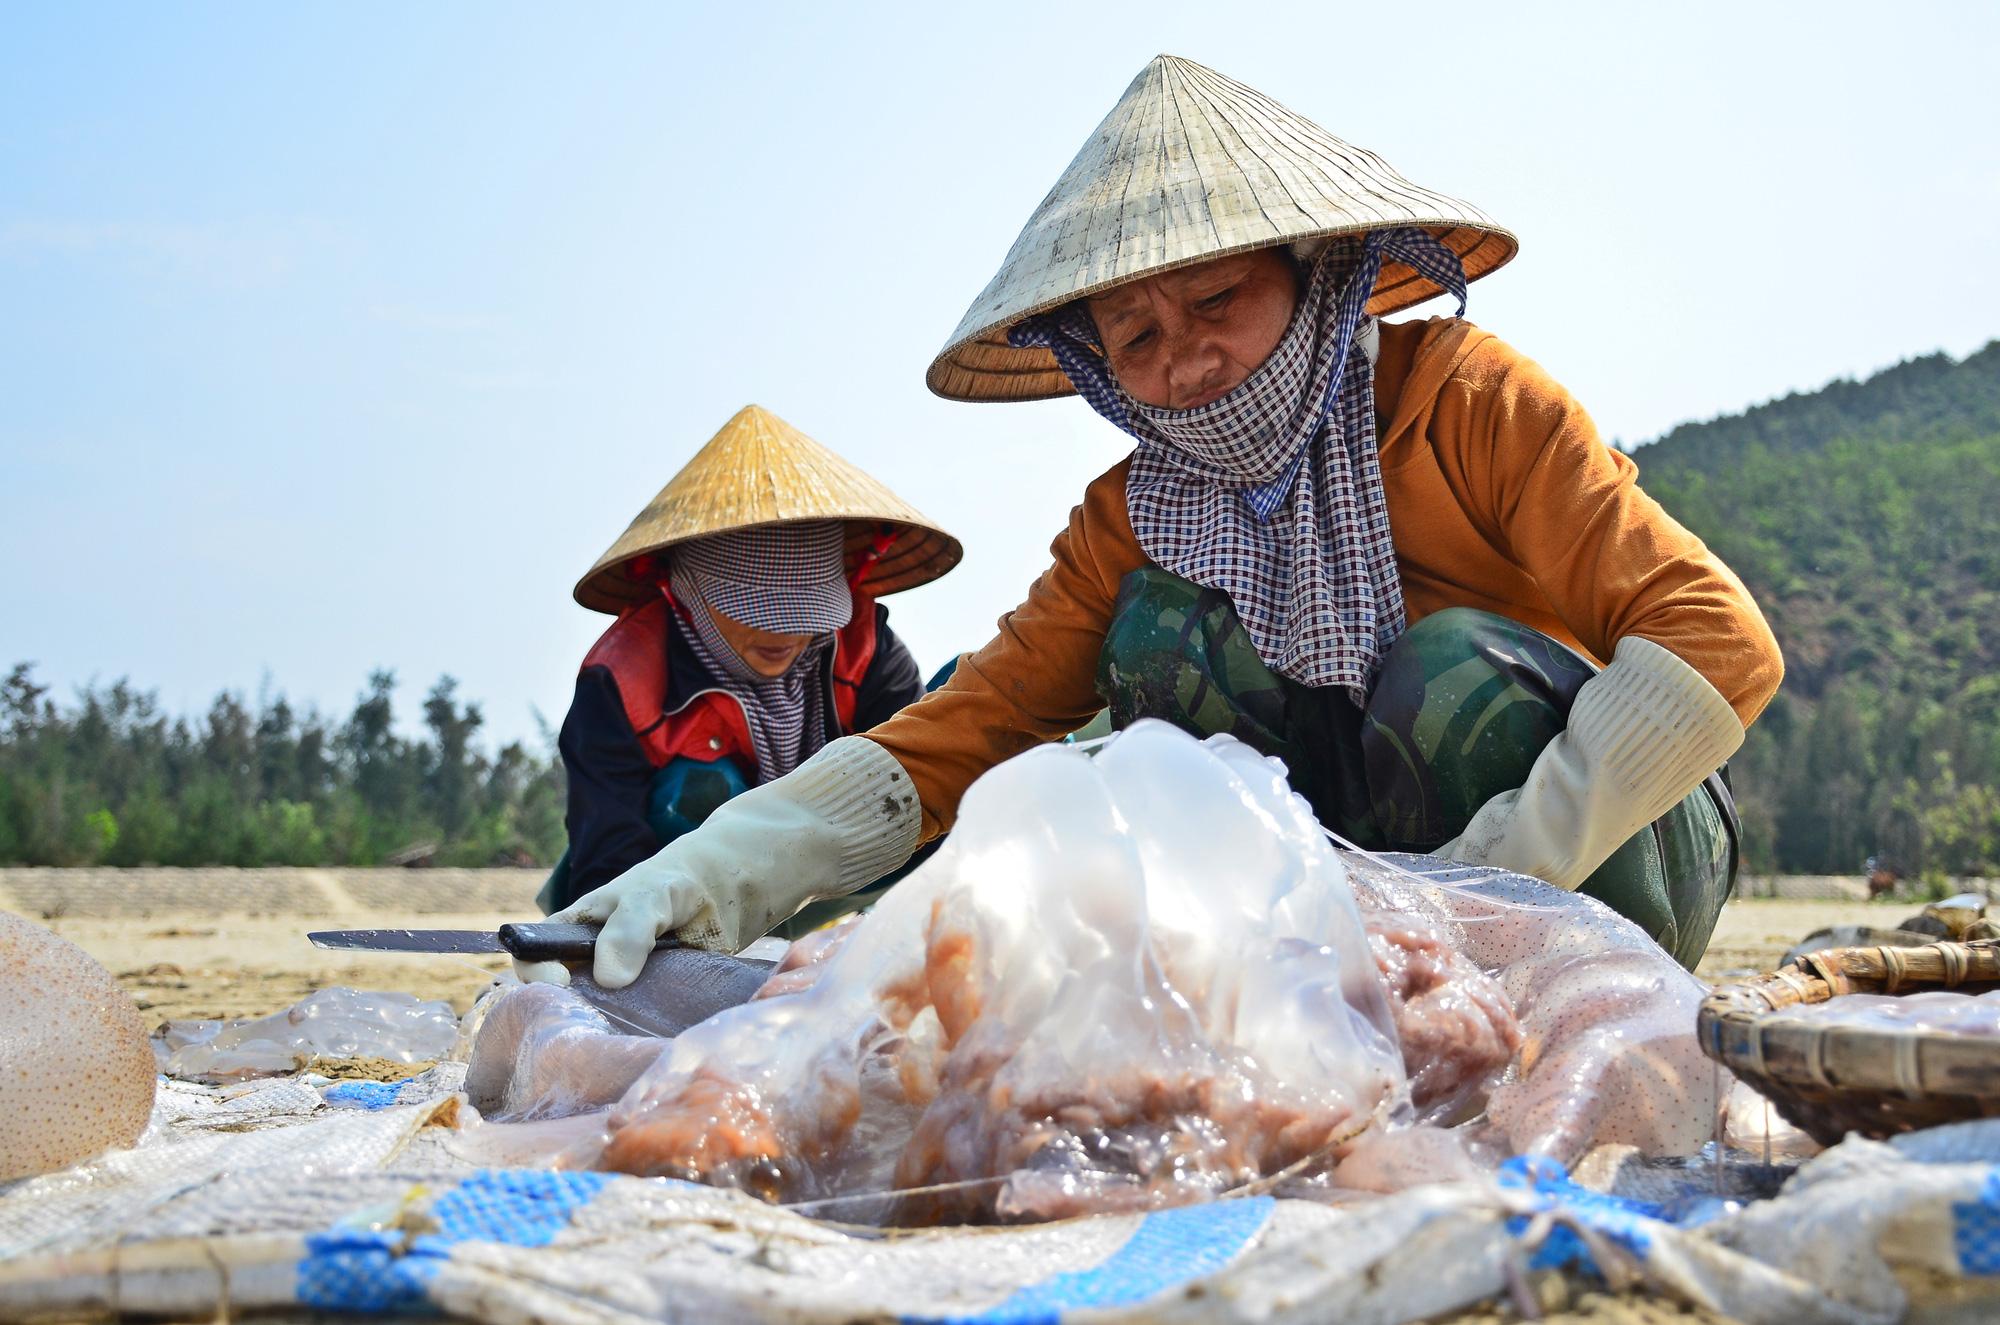 Hà Tĩnh: Nắng nóng, gió lào bỏng rát ngư dân vẫn ra biển thu hoạch sứa kiếm bộn tiền. - Ảnh 3.